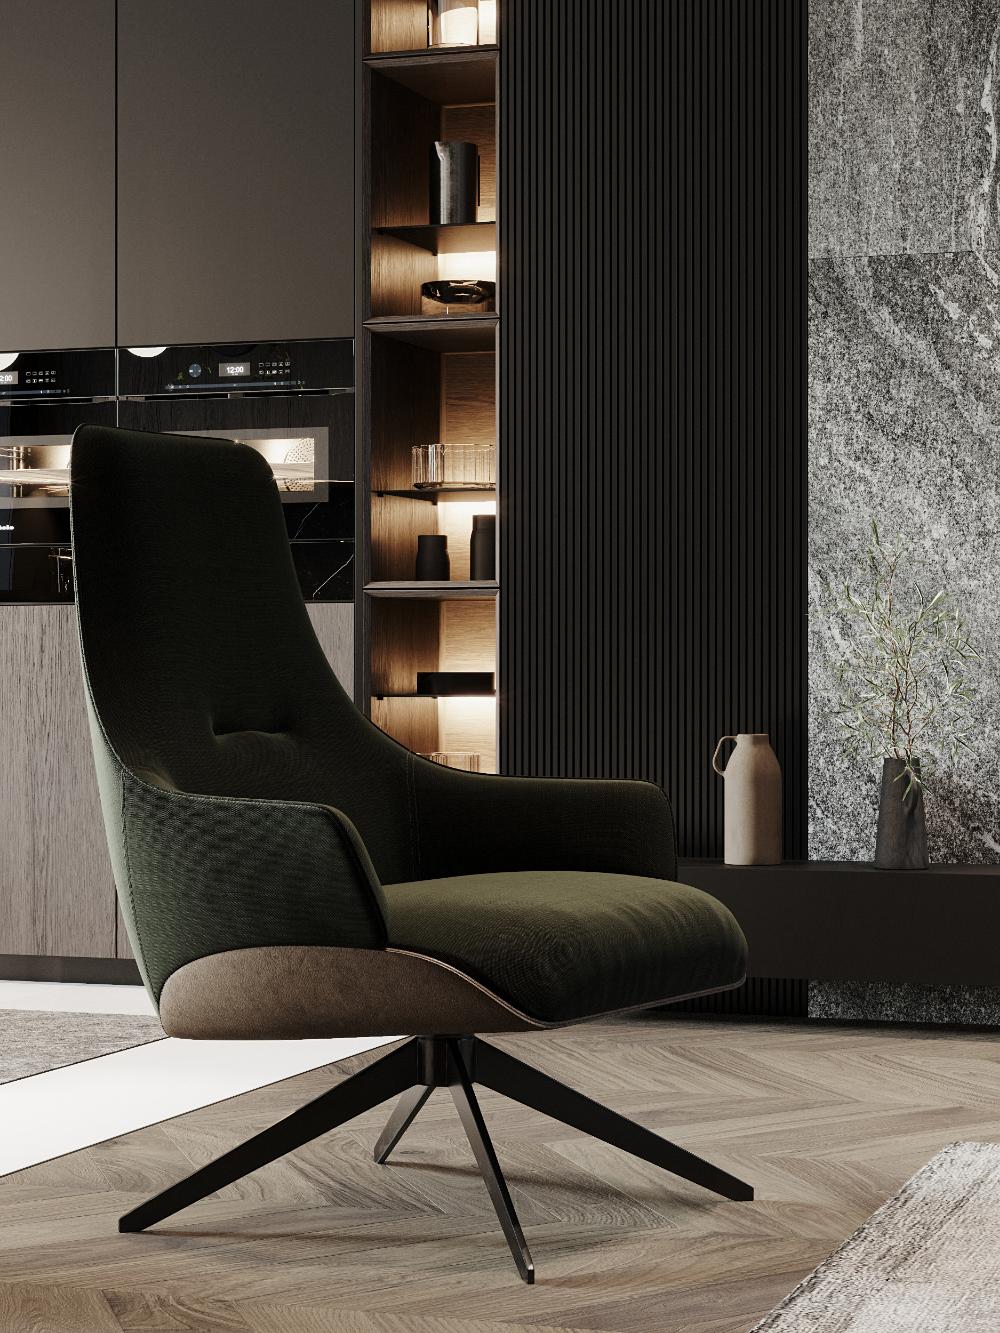 Autodesk Room Design: Dark Living Rooms, Apartment